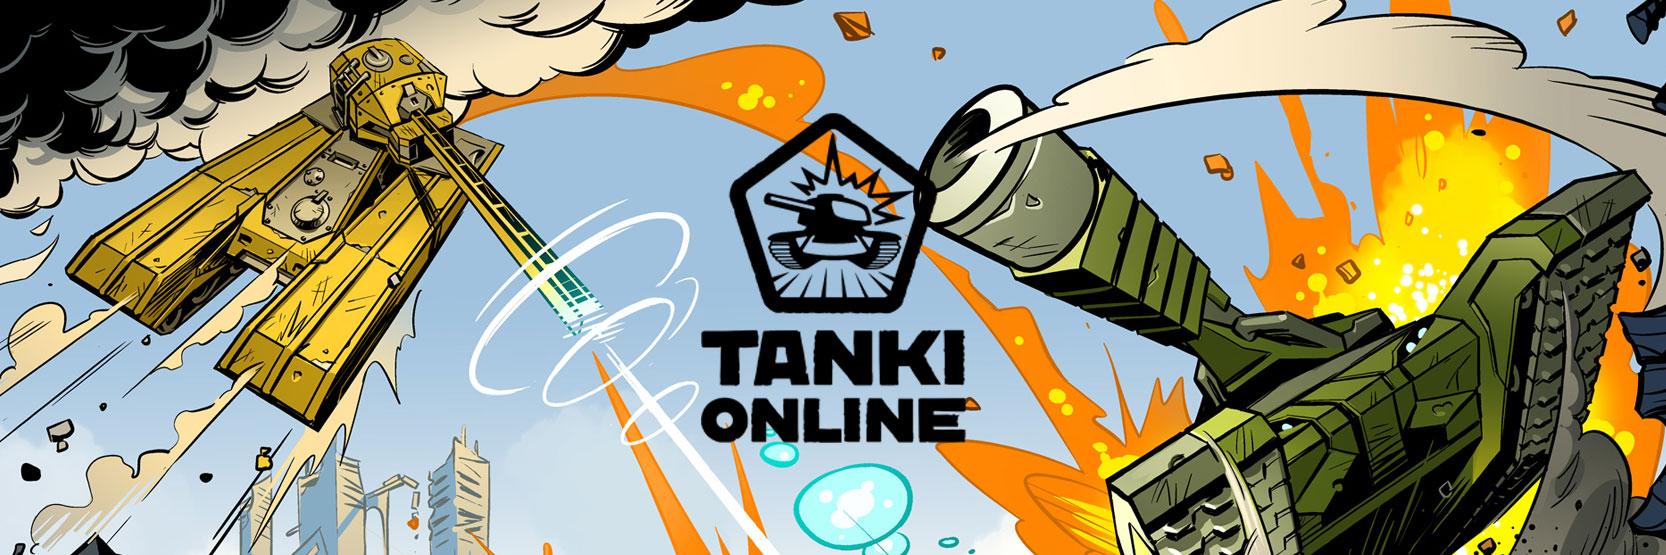 لعبة الدبابات Tanki Online أفضل الألعاب لعام 2018